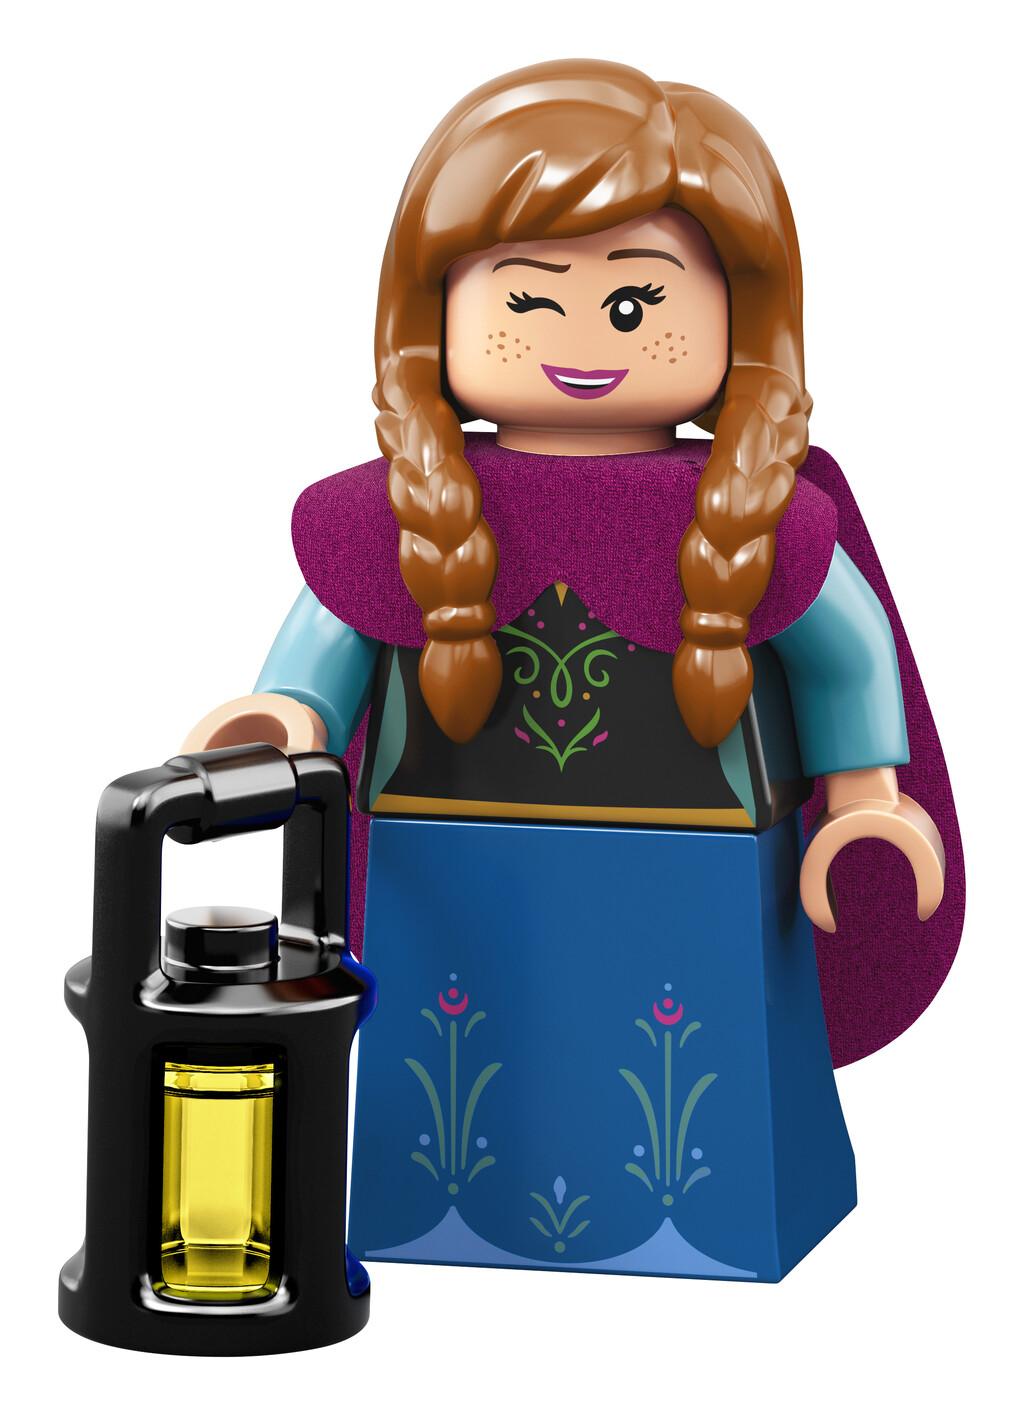 lego-disney-minifiguren-sammelserie-2-anna-eisprizessin-71024-2019 zusammengebaut.com